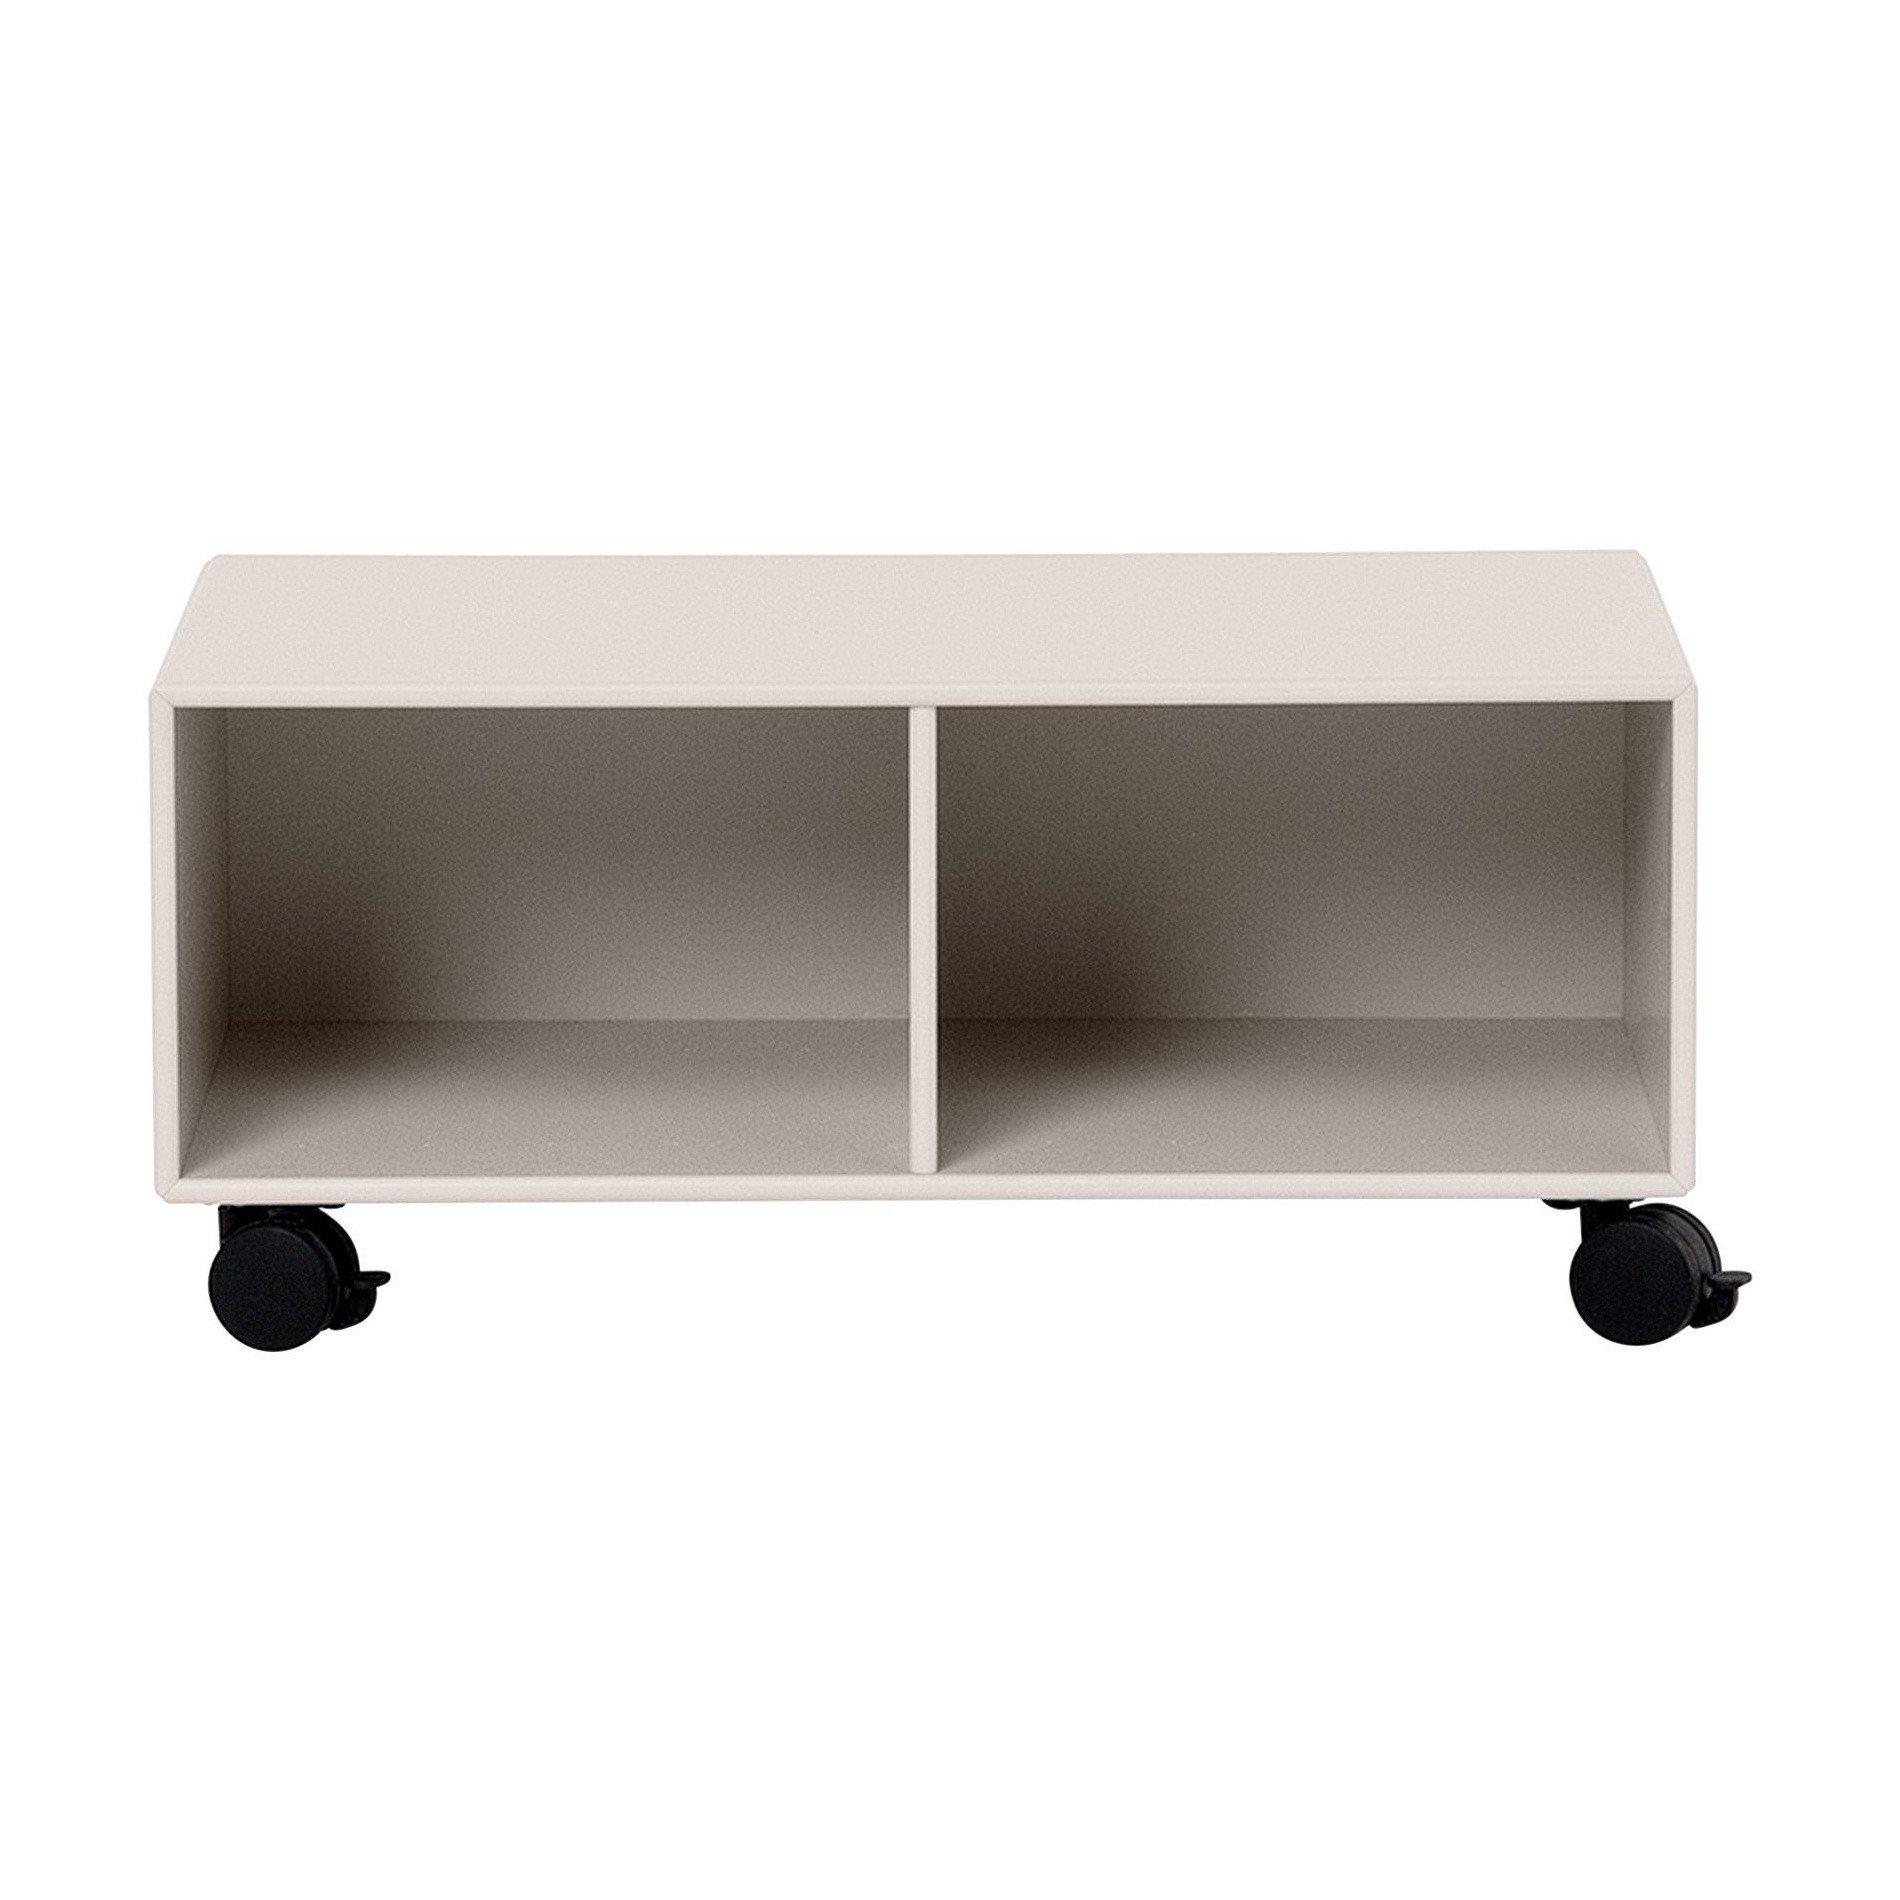 skate sideboard mit rollen h 31cm montana. Black Bedroom Furniture Sets. Home Design Ideas